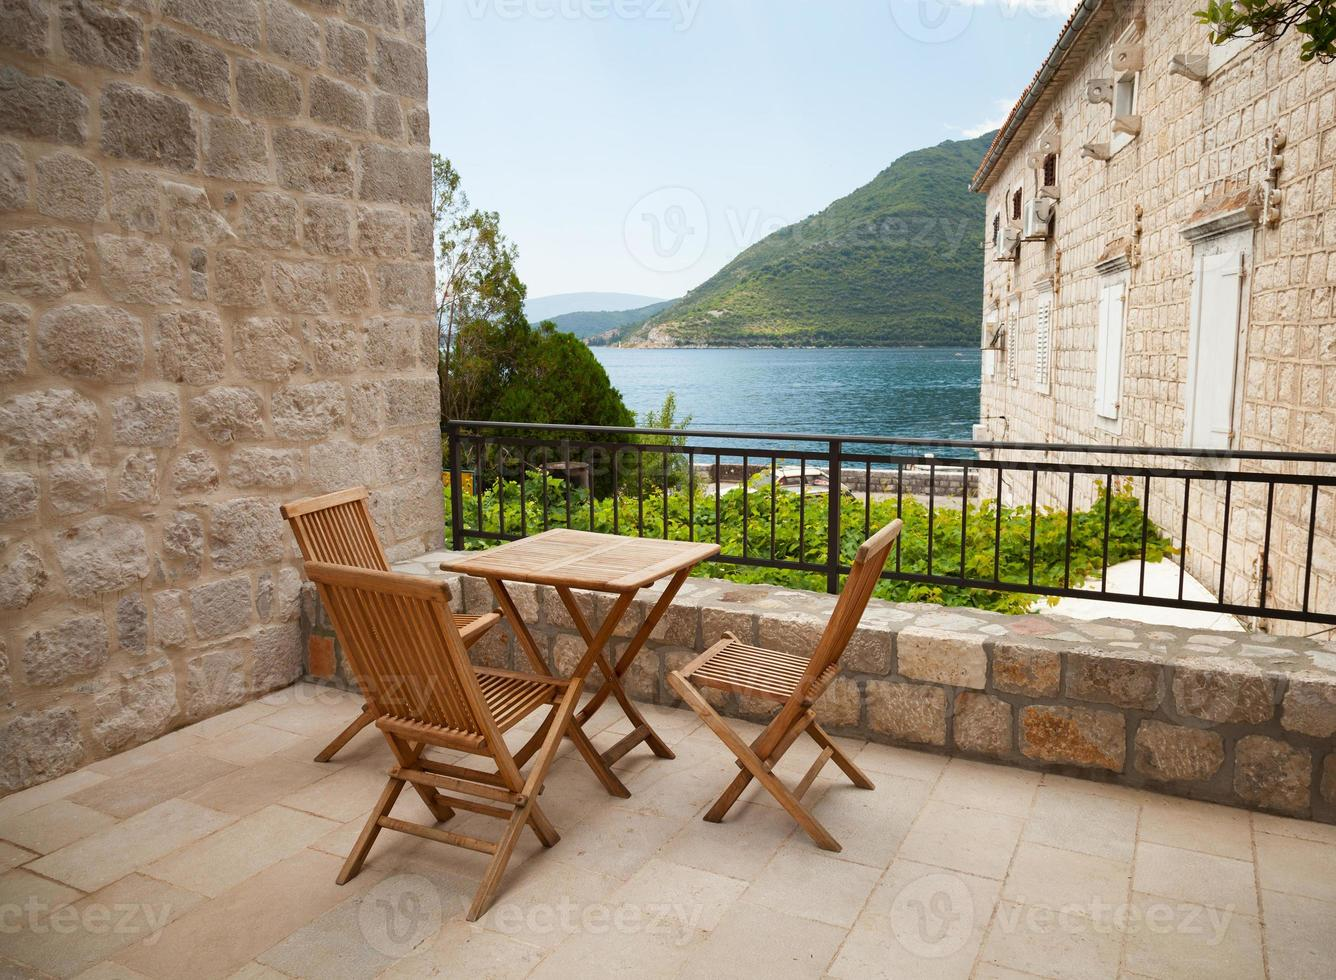 chaises en bois et table sur terrasse en bord de mer photo